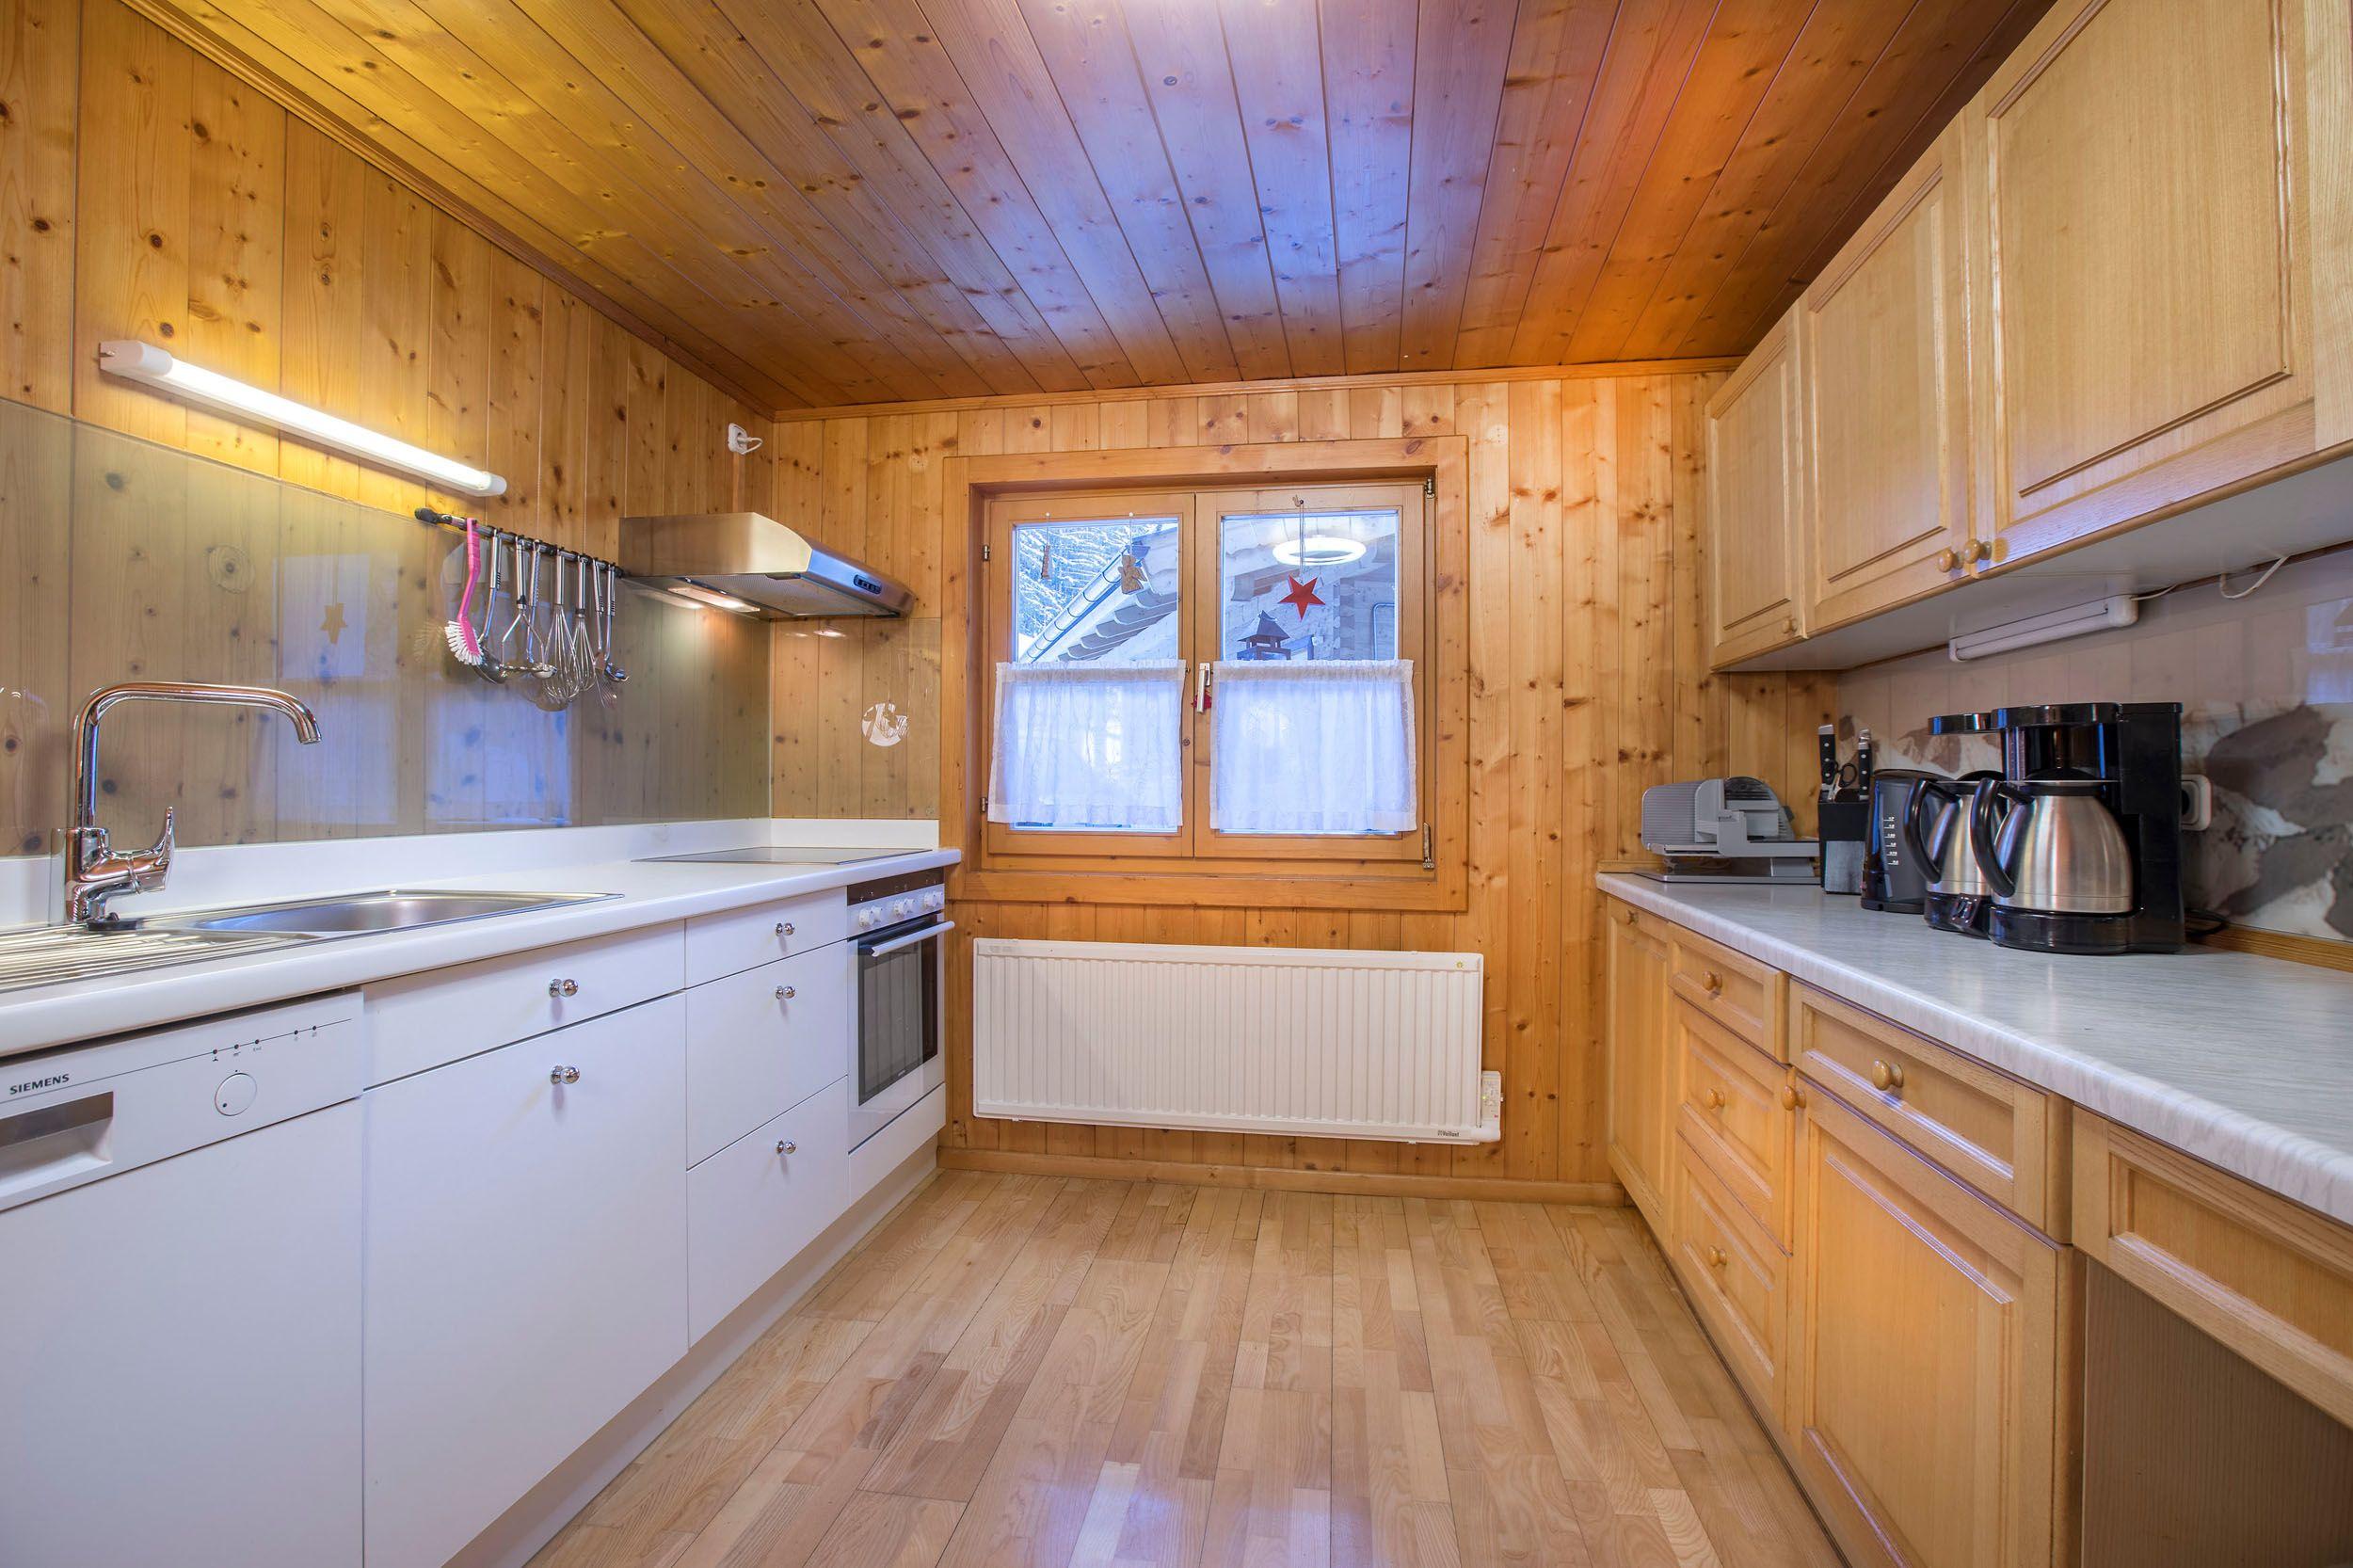 Die geräumige Küche im Bauernhaus